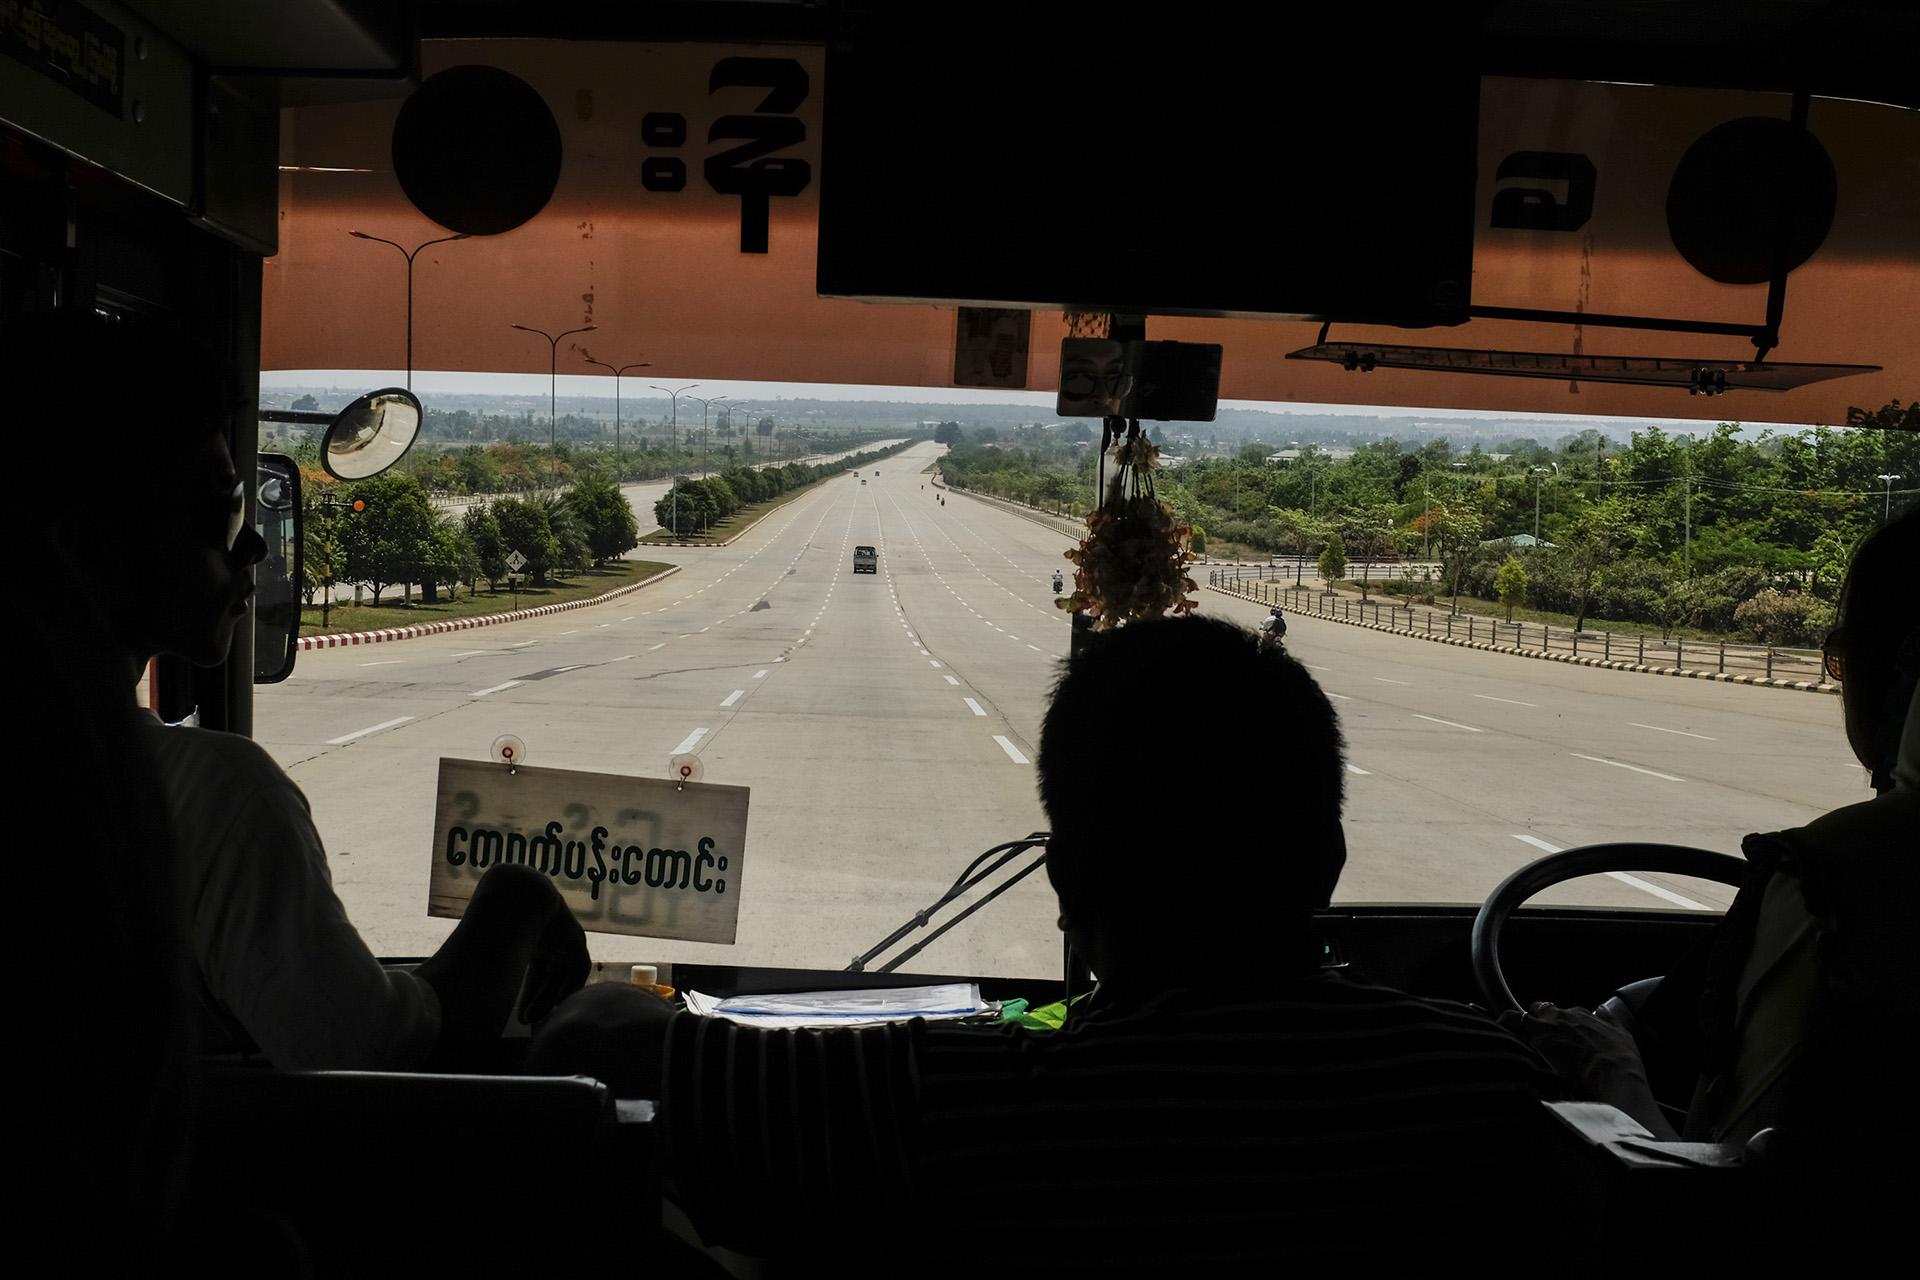 L'arrivée dans la capitale donne le ton; les avenues ont la taille d'autoroutes. Naypyidaw, Birmanie. Mai 2015.